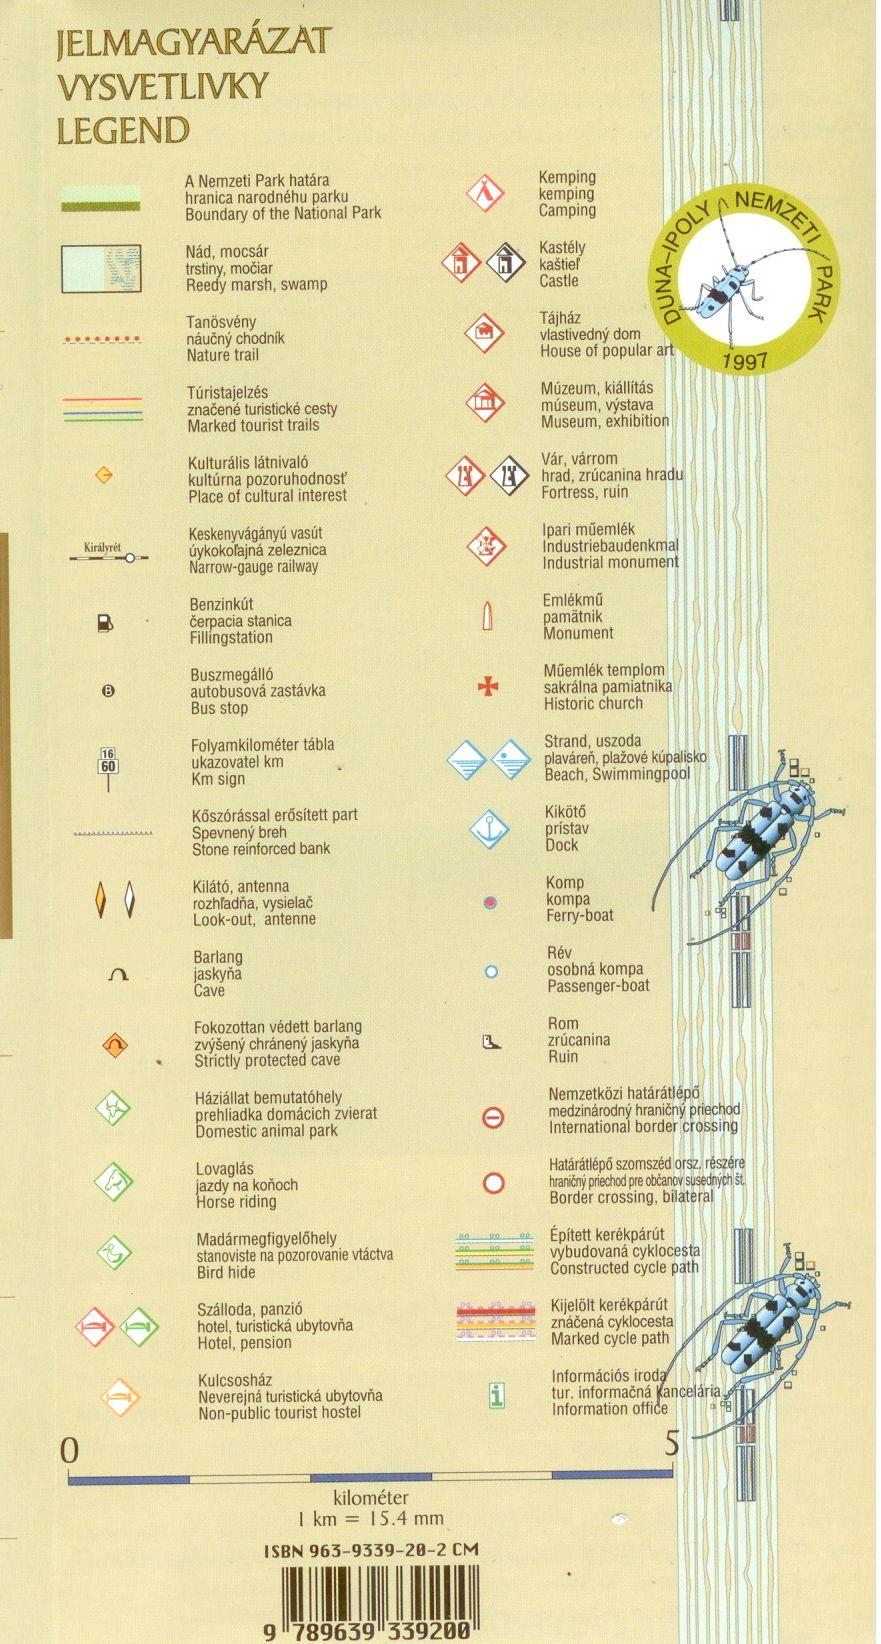 Duna-Ipoly NP térkép jelmagyarázata